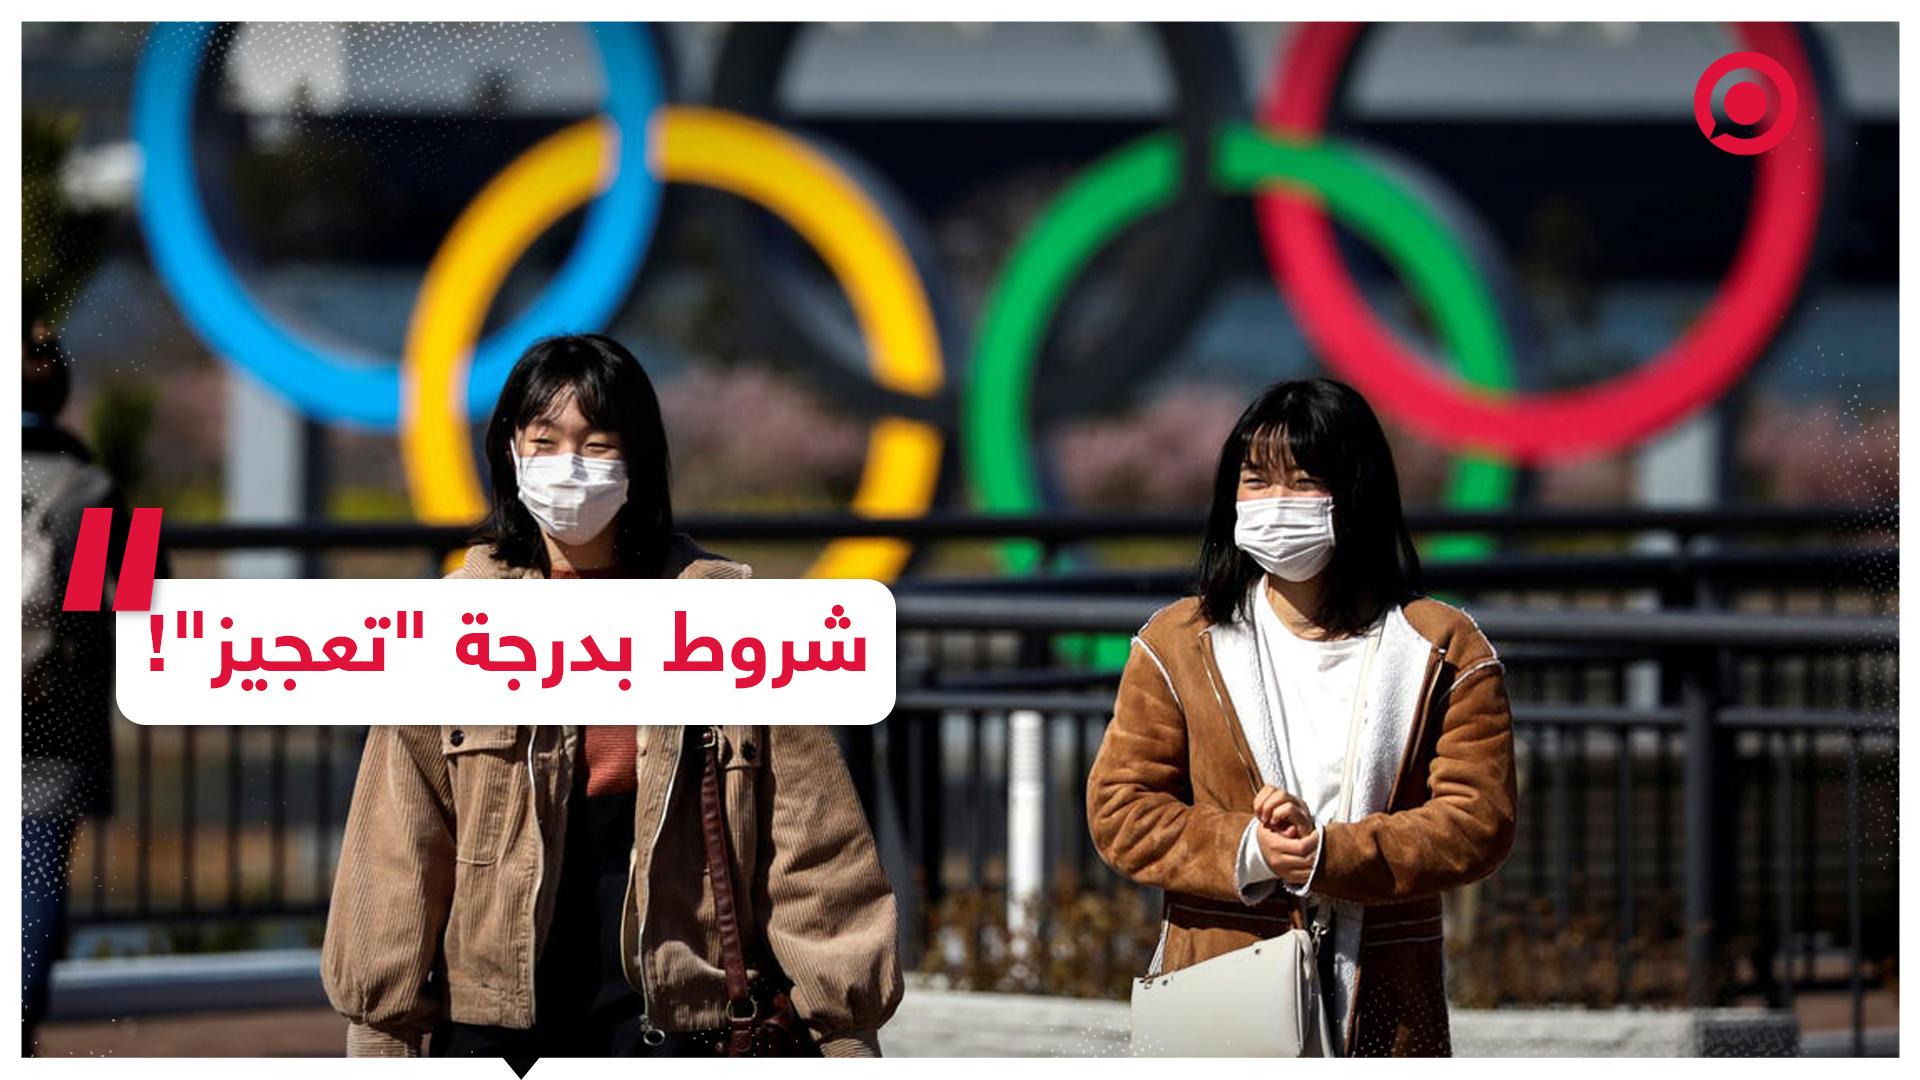 شروط تعجيزية لحضور أولمبياد طوكيو